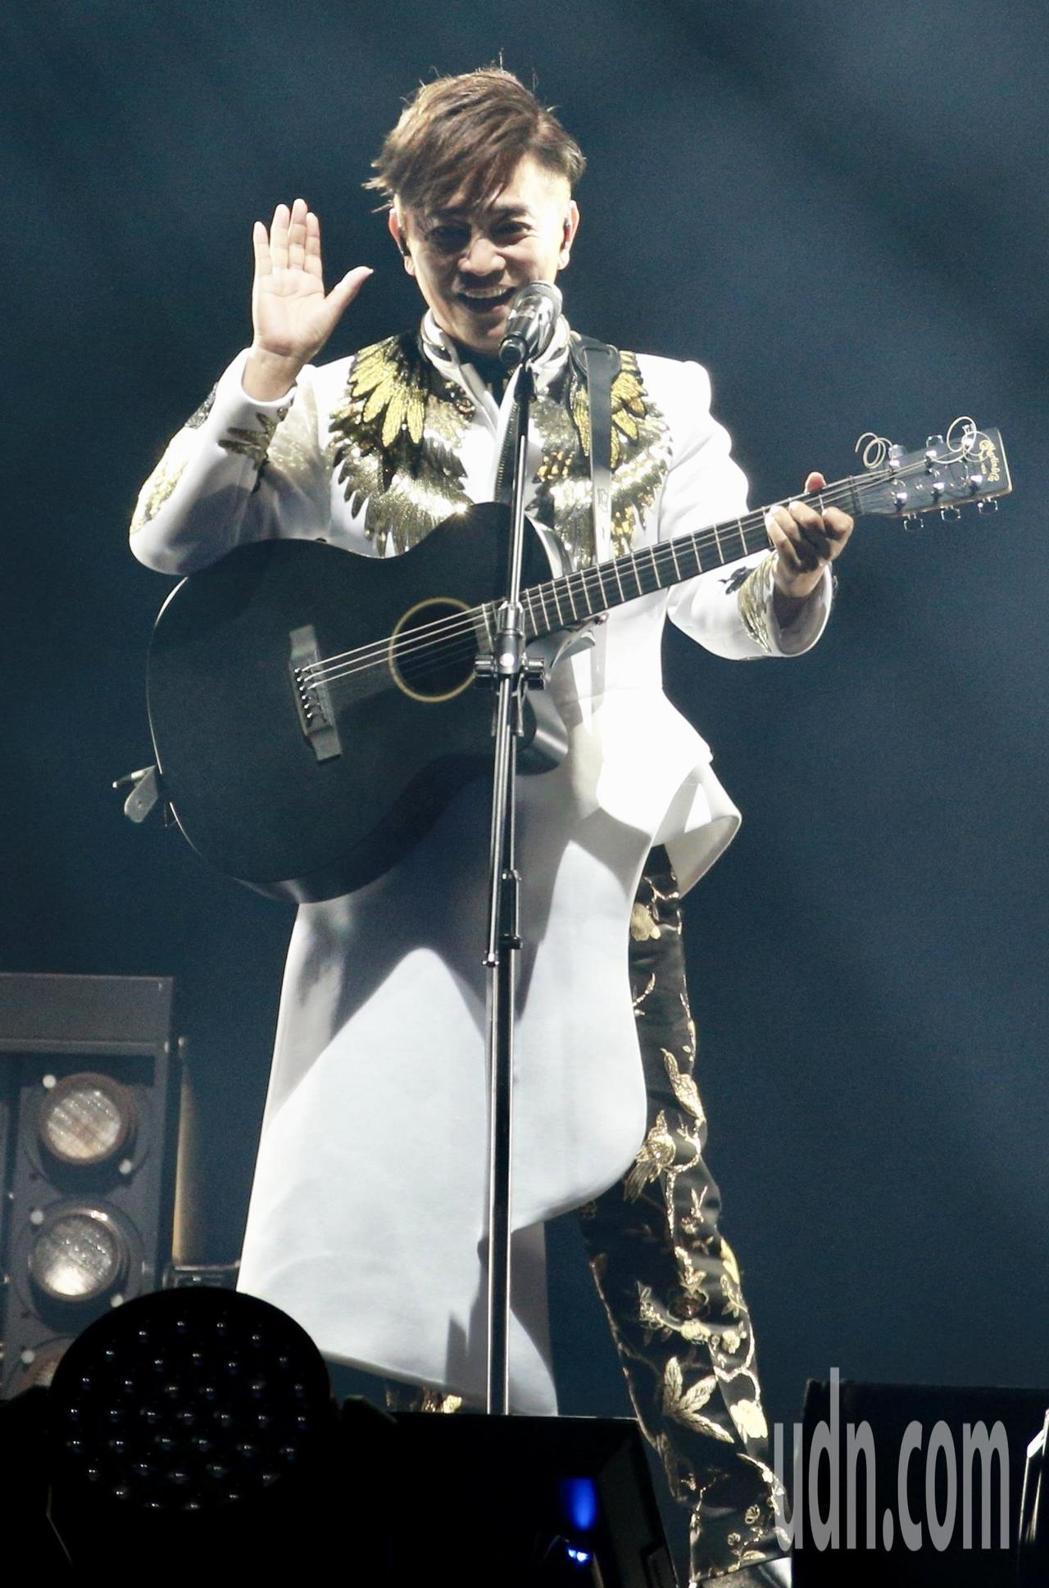 吳宗憲昨天在台北小巨蛋舉行演唱會,演唱多首膾炙人口的歌曲。 記者林伯東/攝影